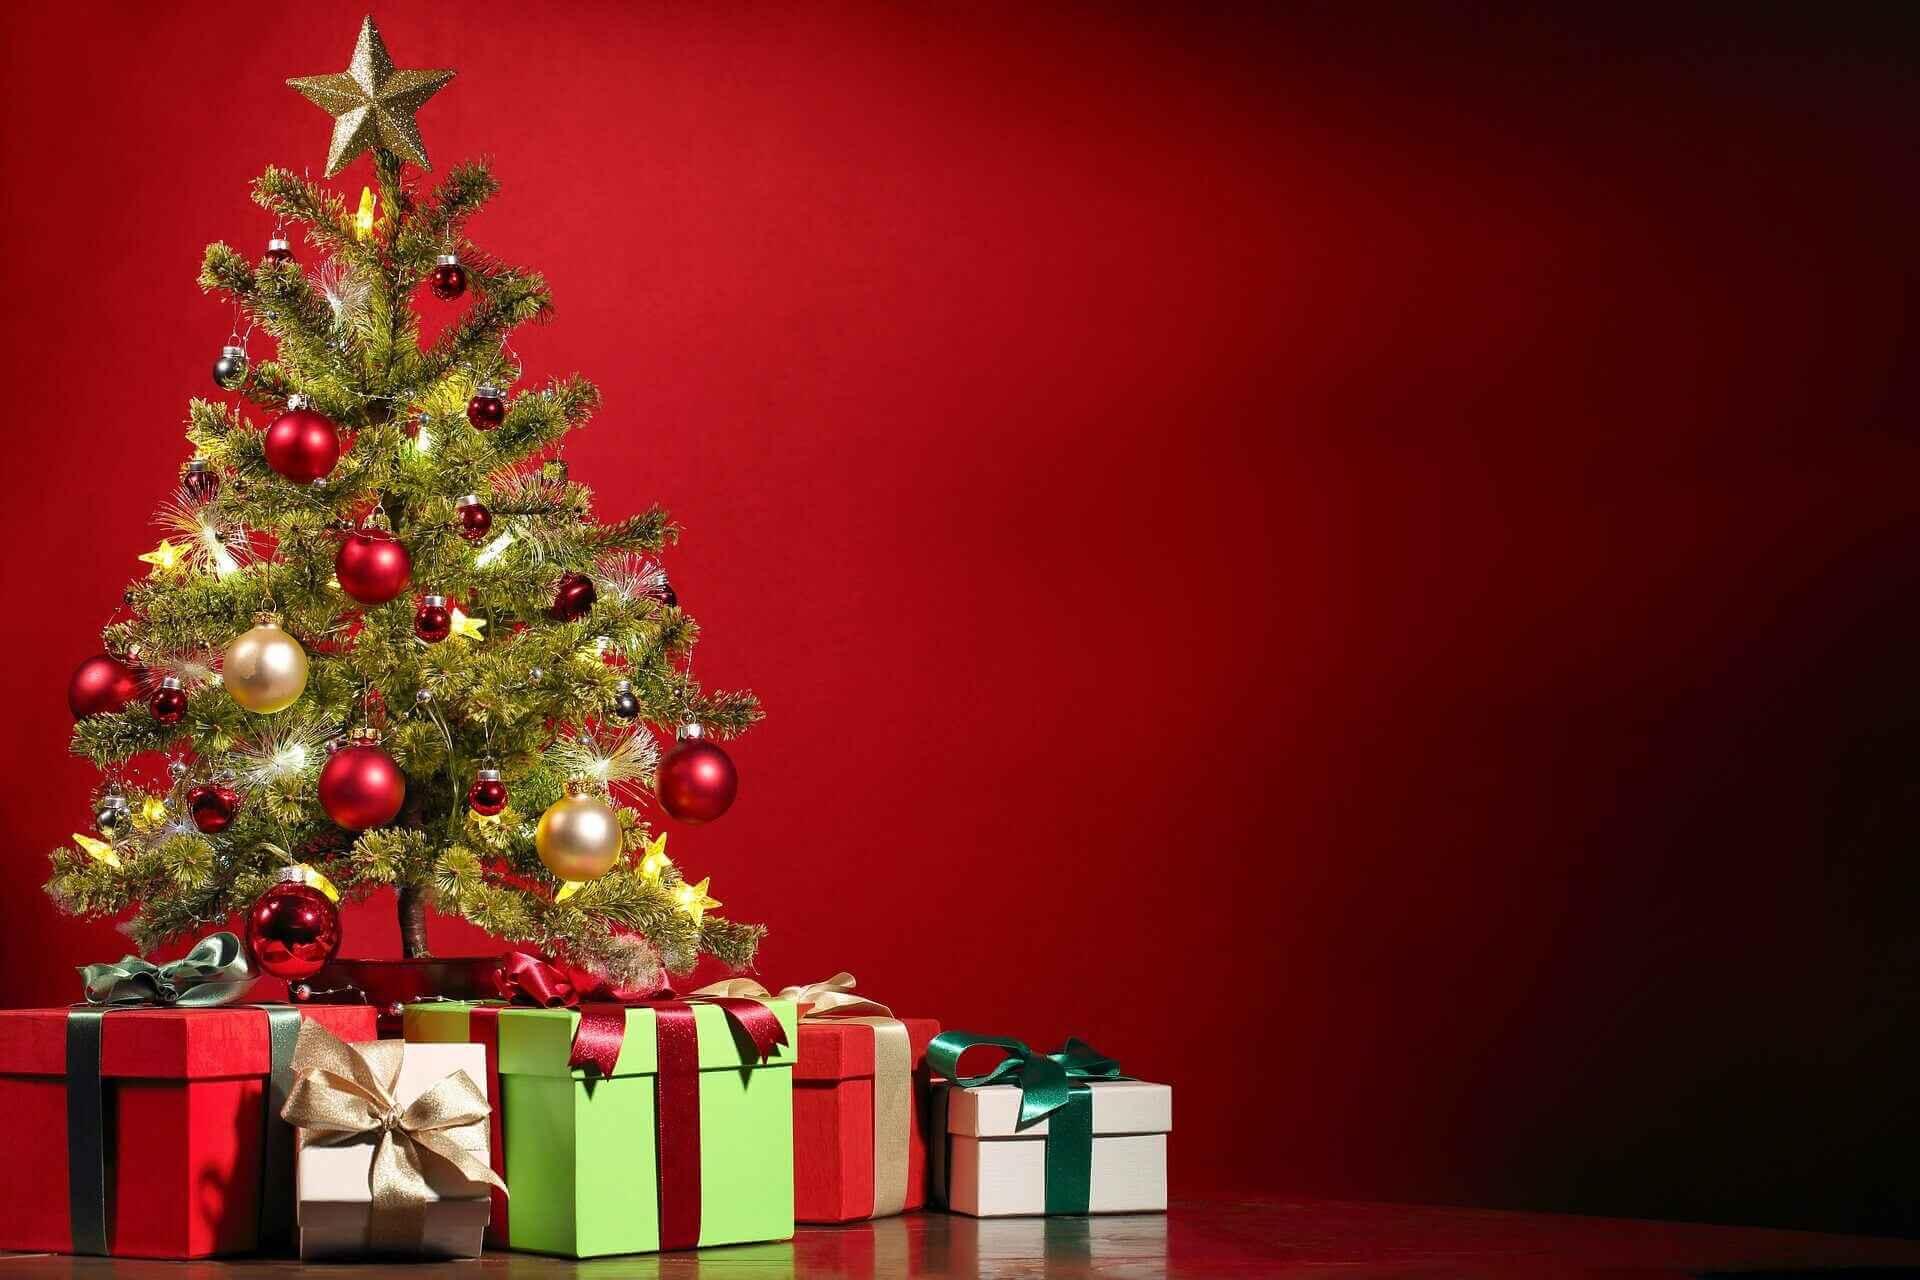 Weihnachten 2019 österreich.Weihnachten 2019 2020 Wann Ist Weihnachten